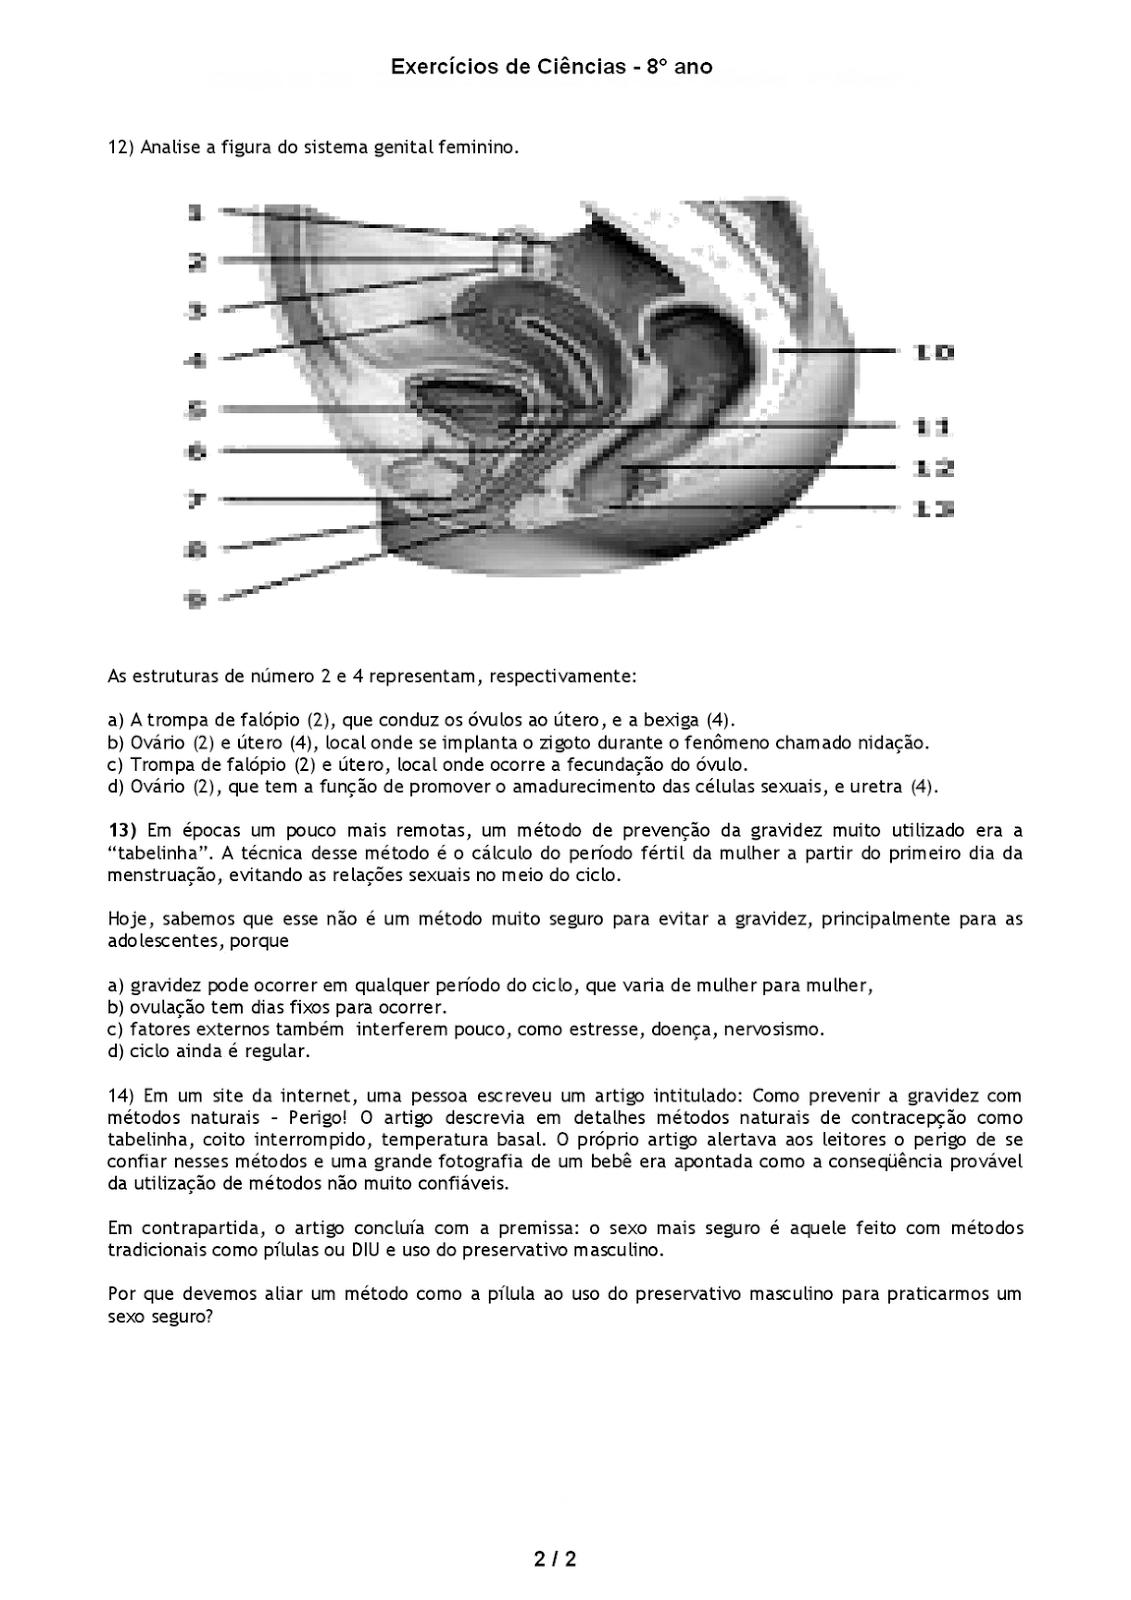 aparelho reprodutor feminino e masculino exercicios